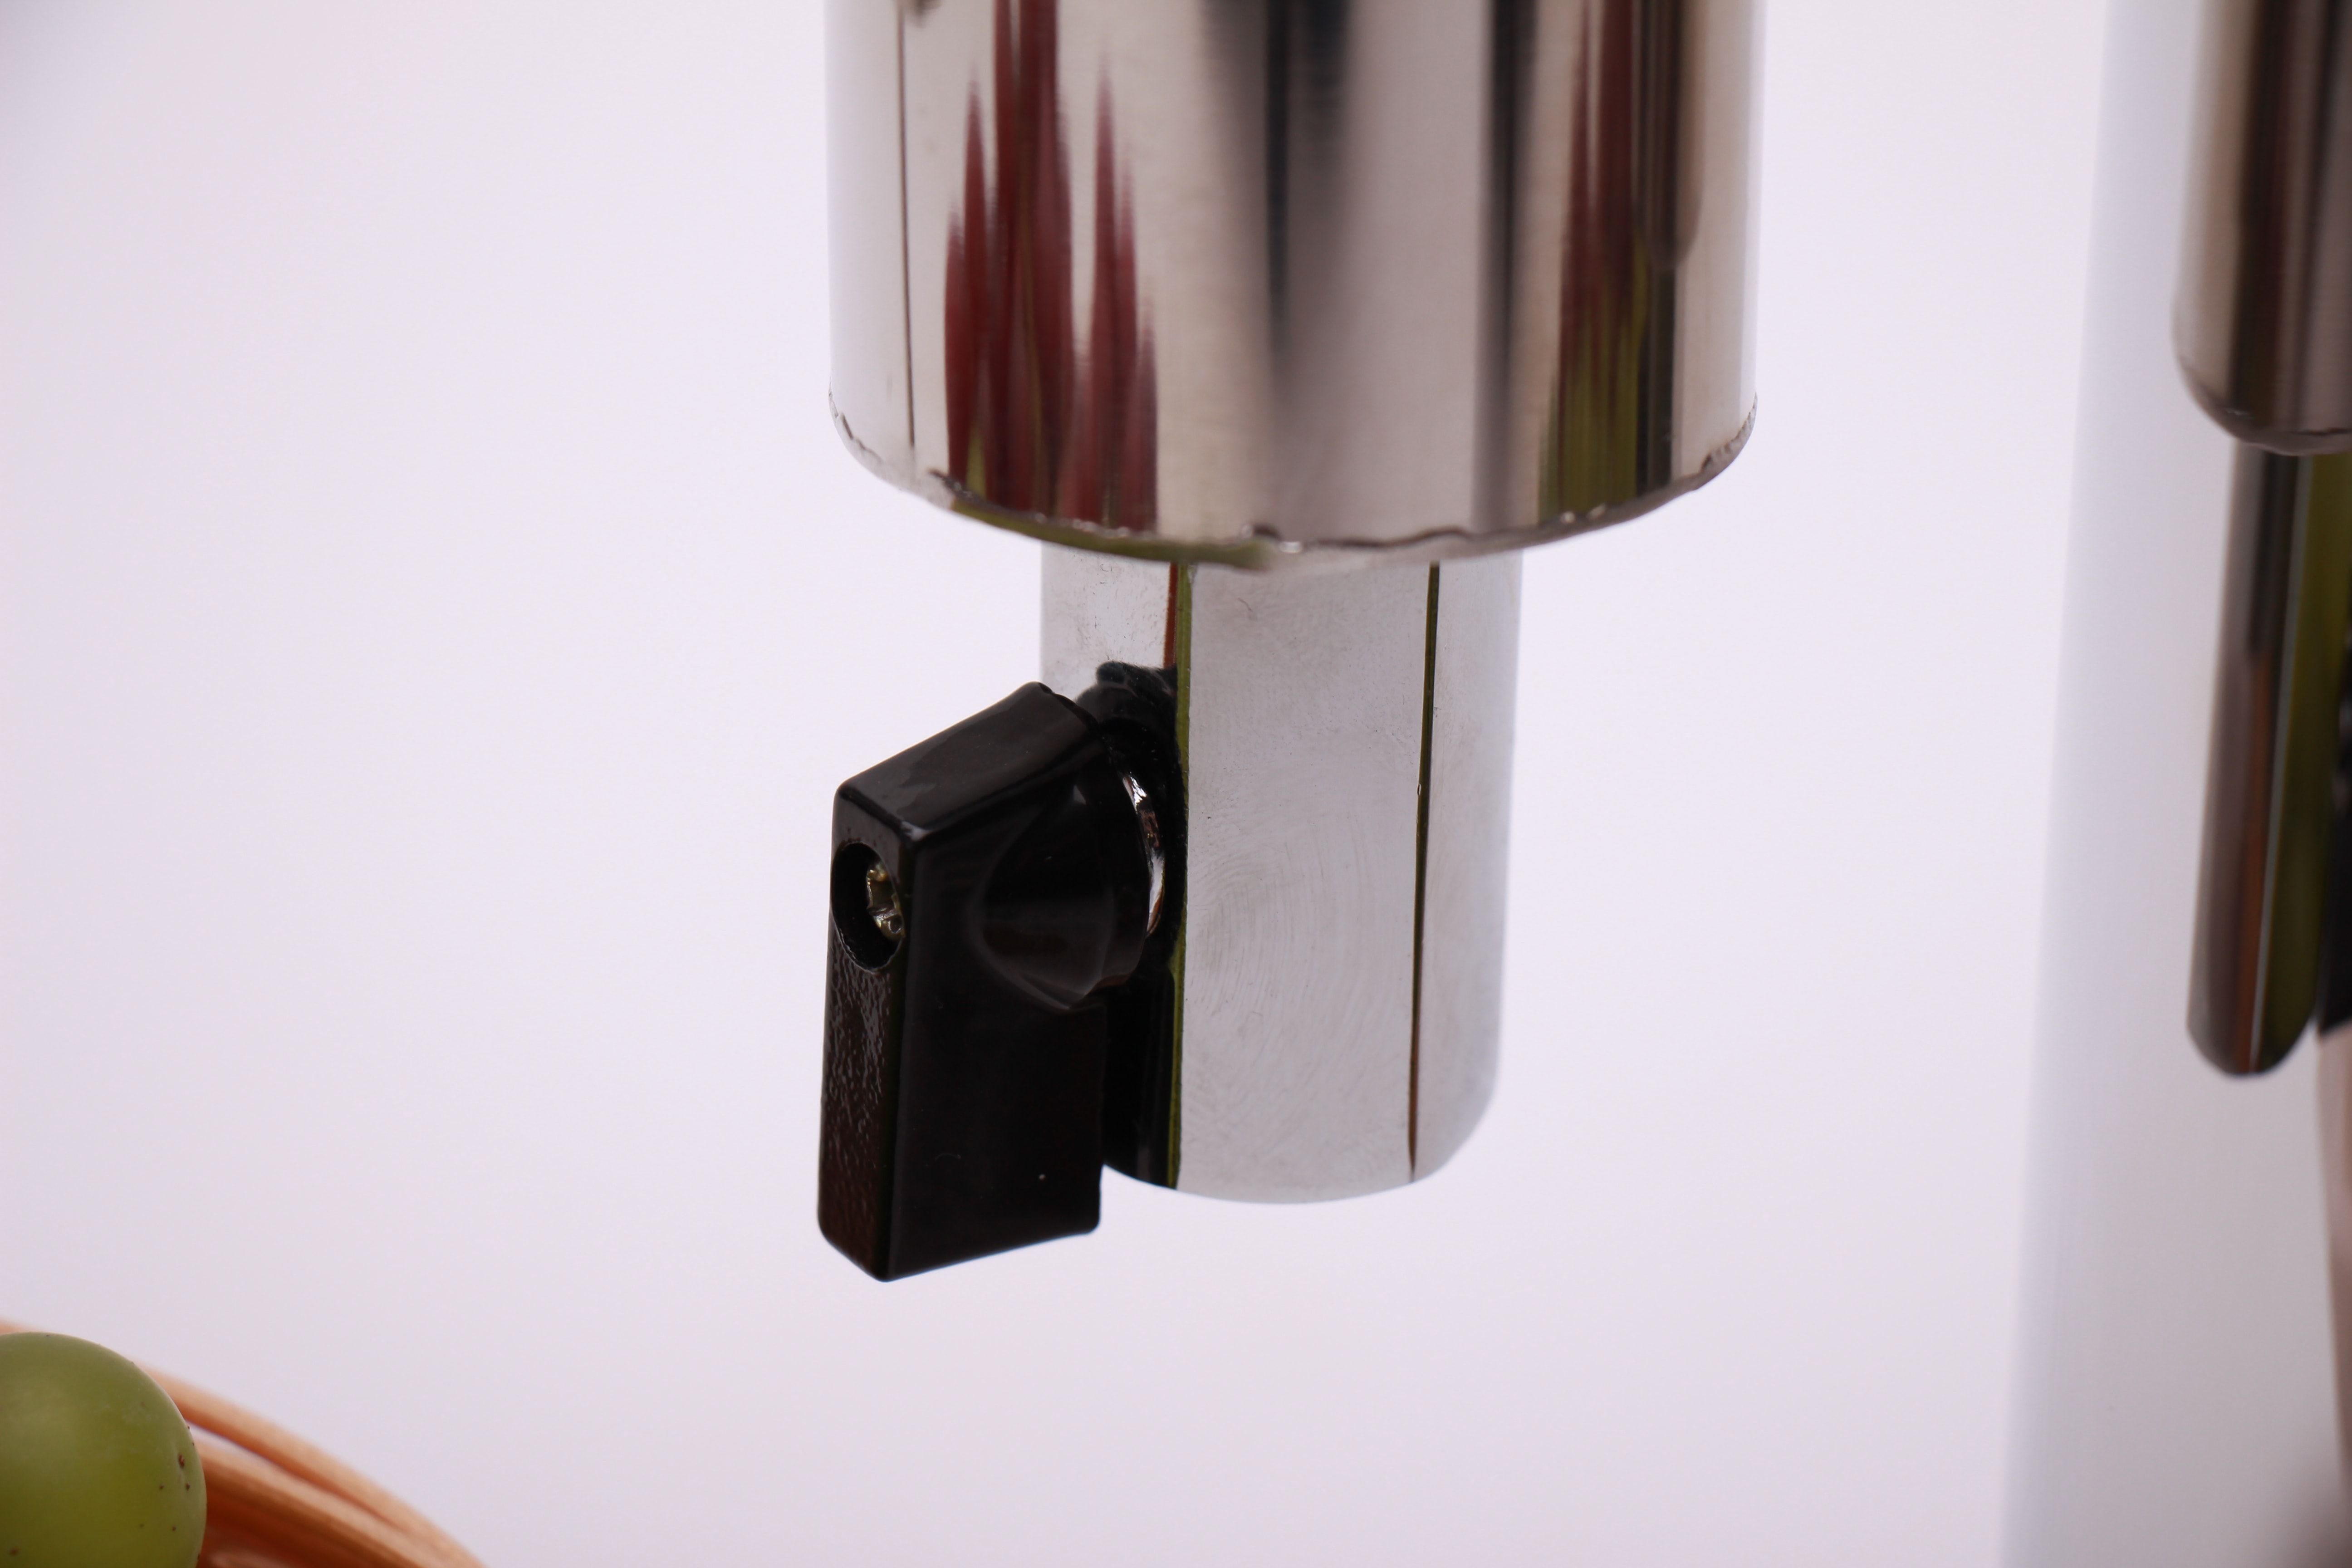 Купить самогонный аппарат вагнер по акции самогонный аппарат германия купить в новосибирске